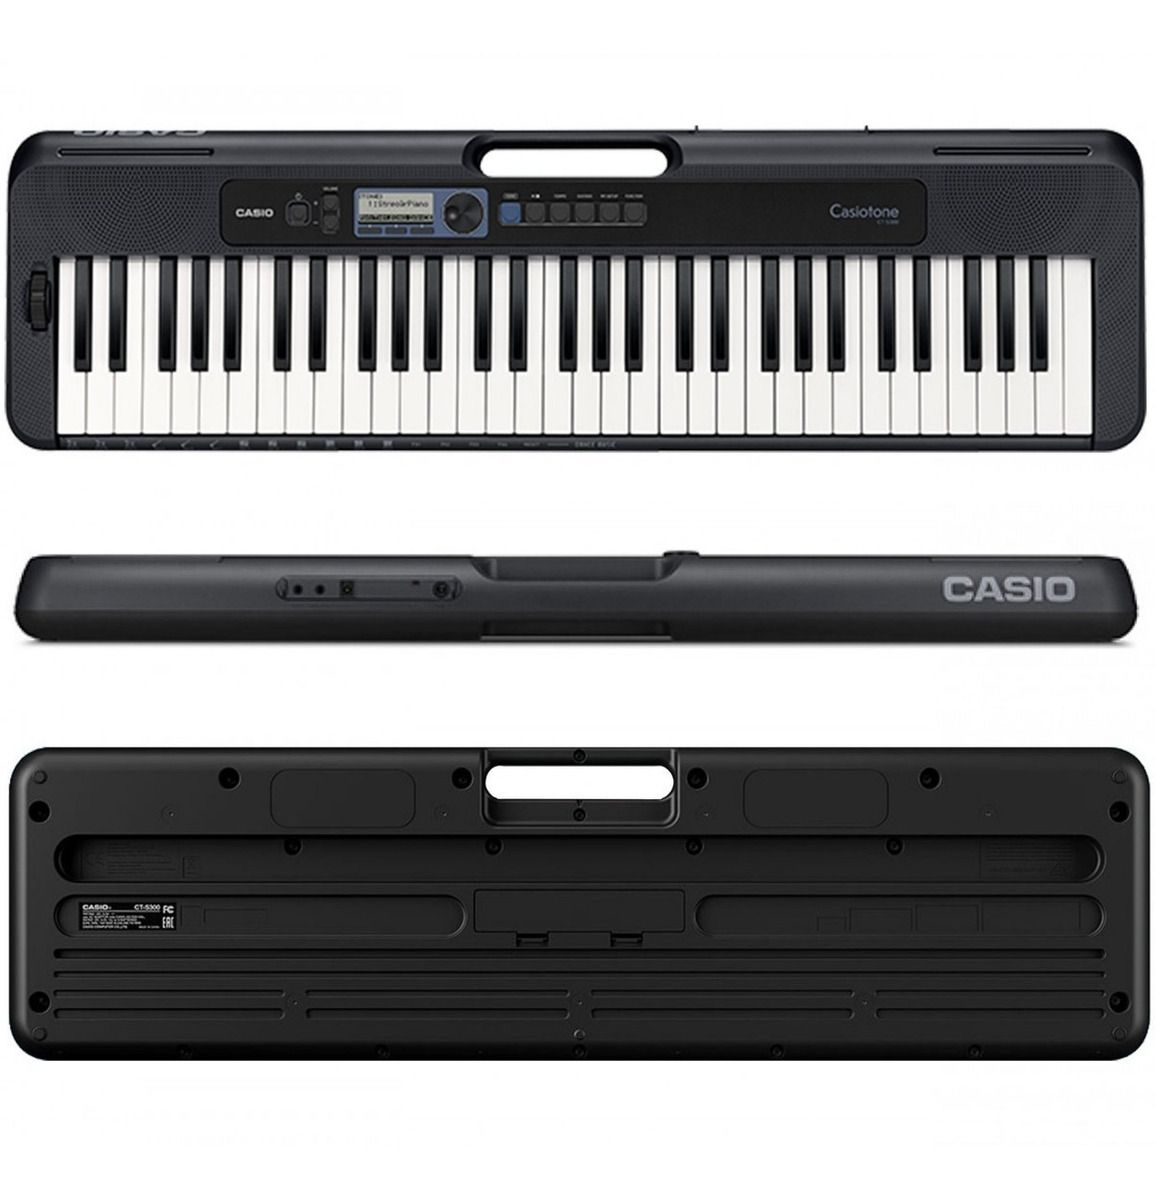 Teclado Arranjador Casiotone Casio Ct-S300 Black